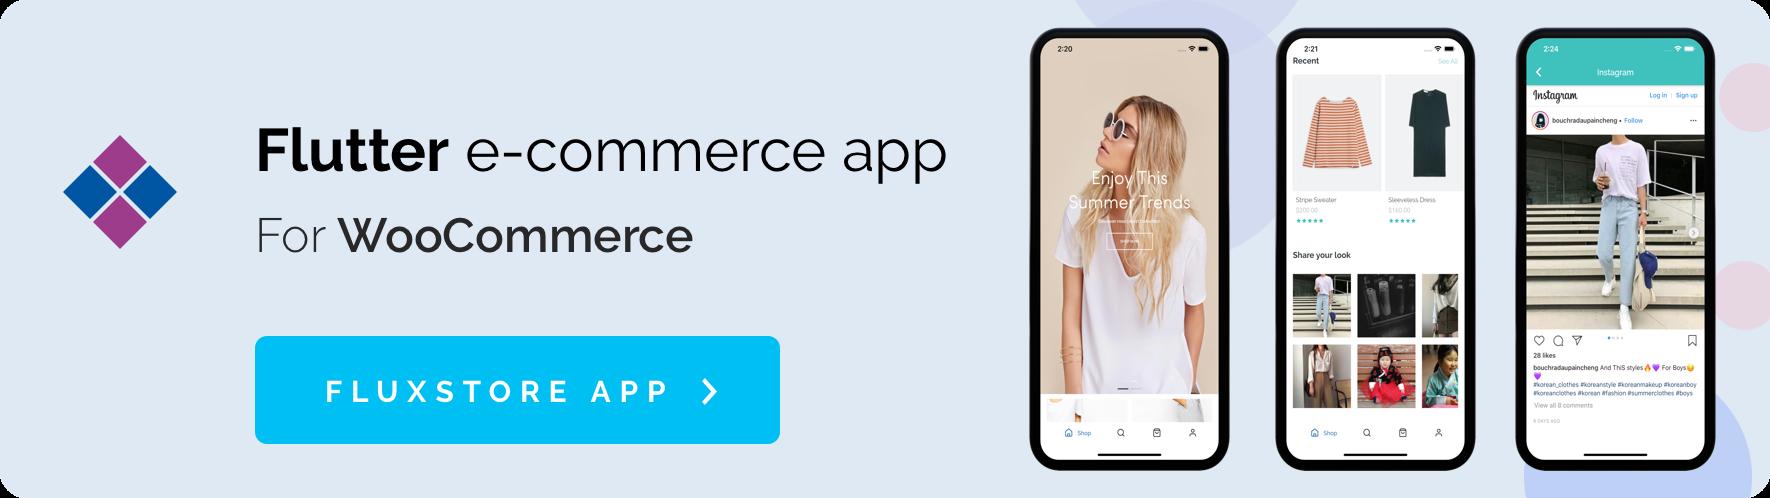 FluxStore Manager - Flutter Vendor App for Woocommerce - 14